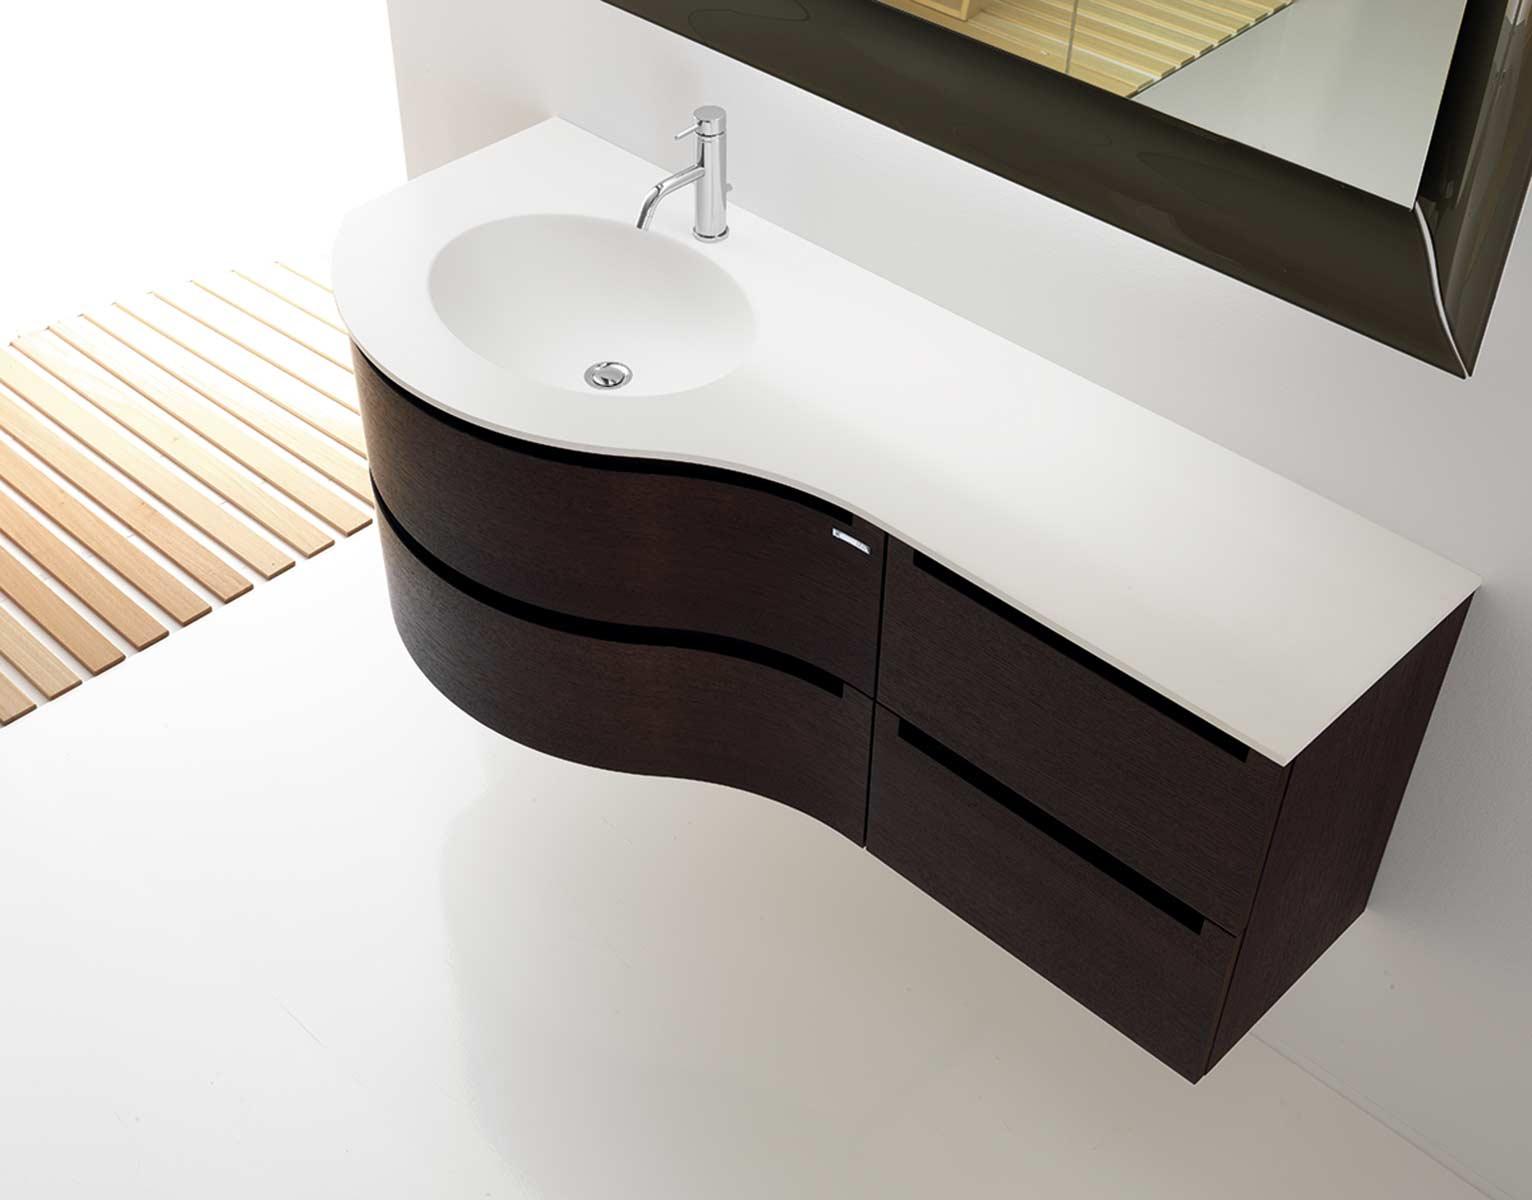 arredo bagno, consulenza e progettazione bagno - idrocasa bologna - Arredo Bagno Bologna